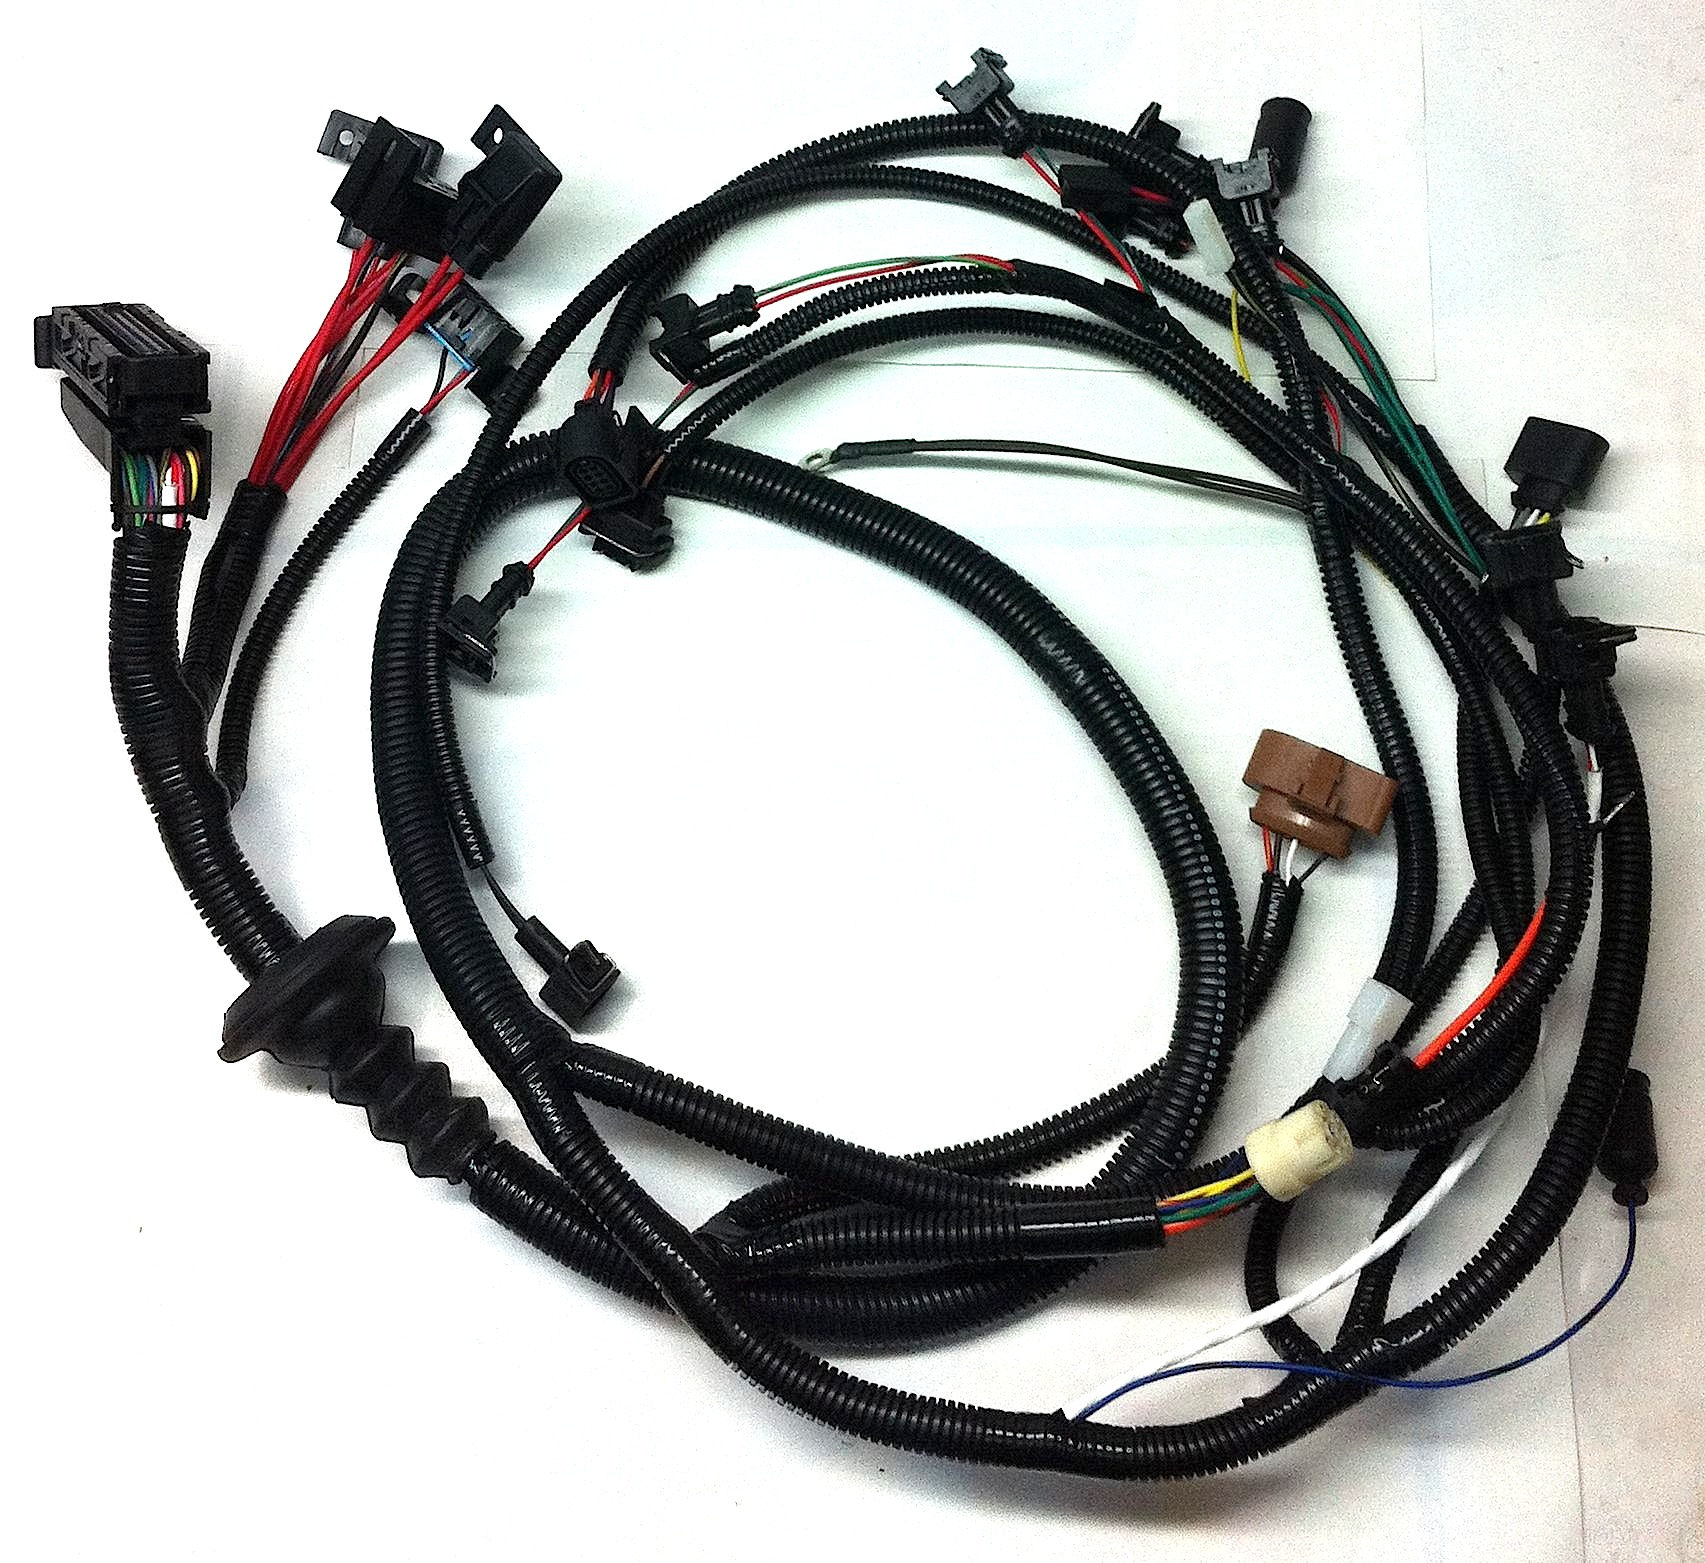 whirlpool washing machine wiring harness top load washing machine wiring  harness